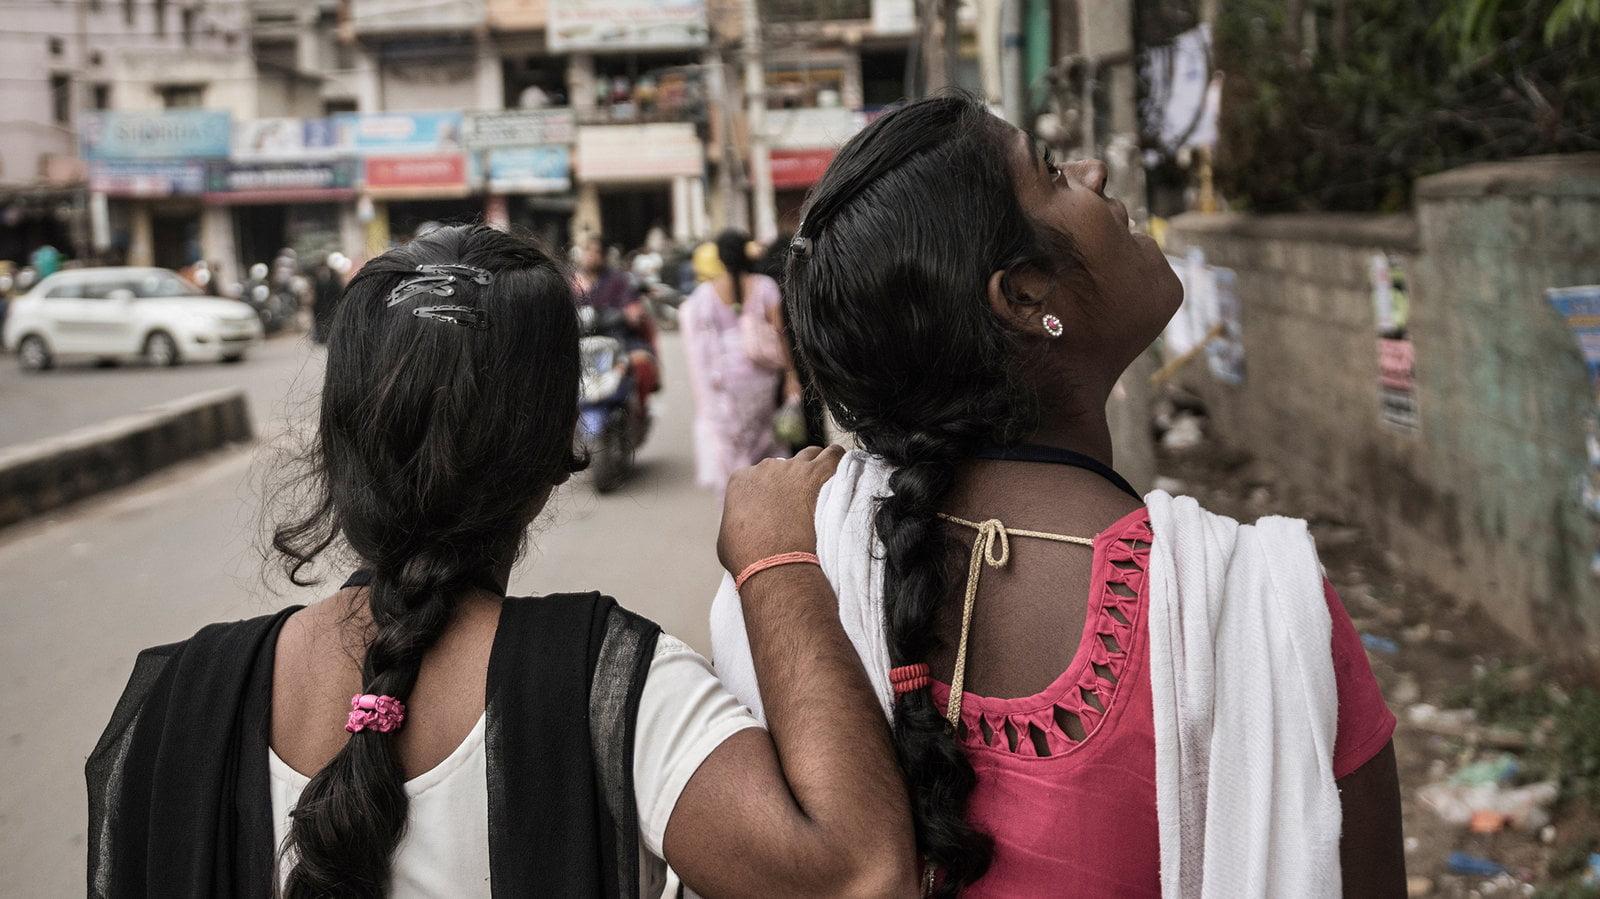 स्वास्थ्य और अधिकार की जानकारी से बढ़ेगा किशोरियों का आत्मविश्वास